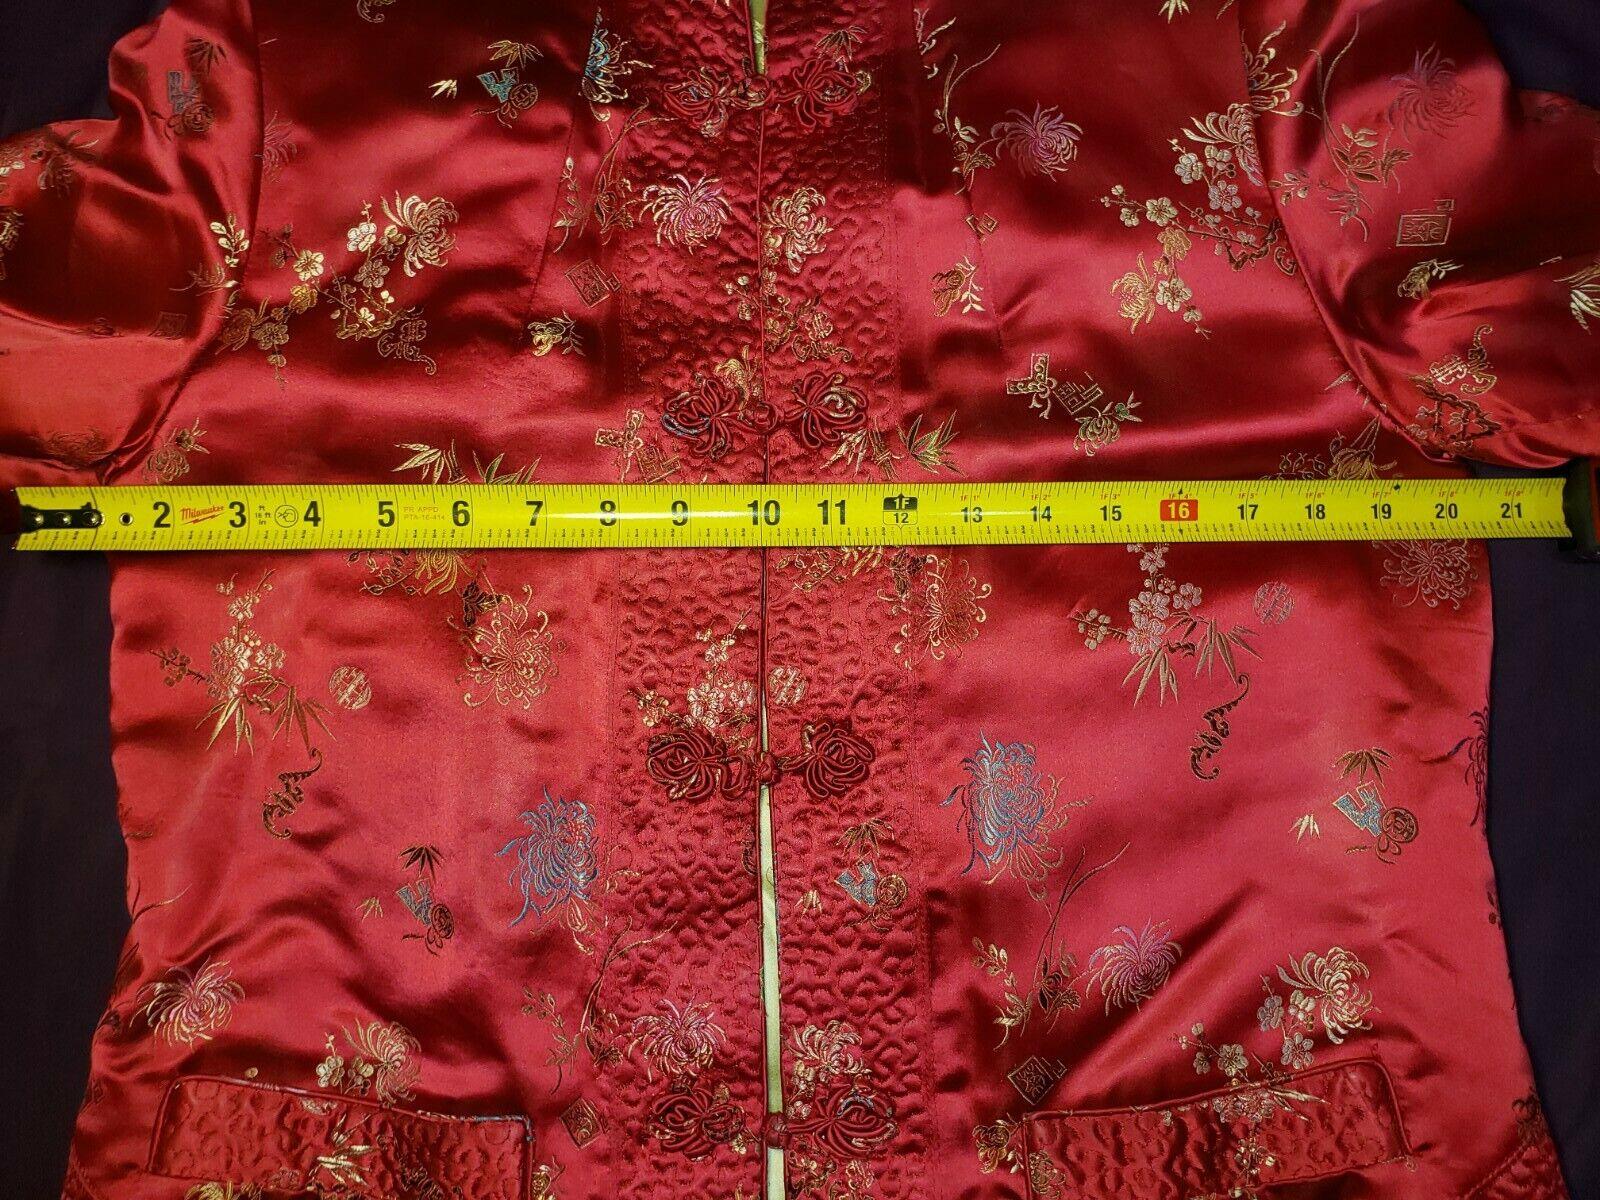 Qipao Long Sleeve Top Brocade - image 6